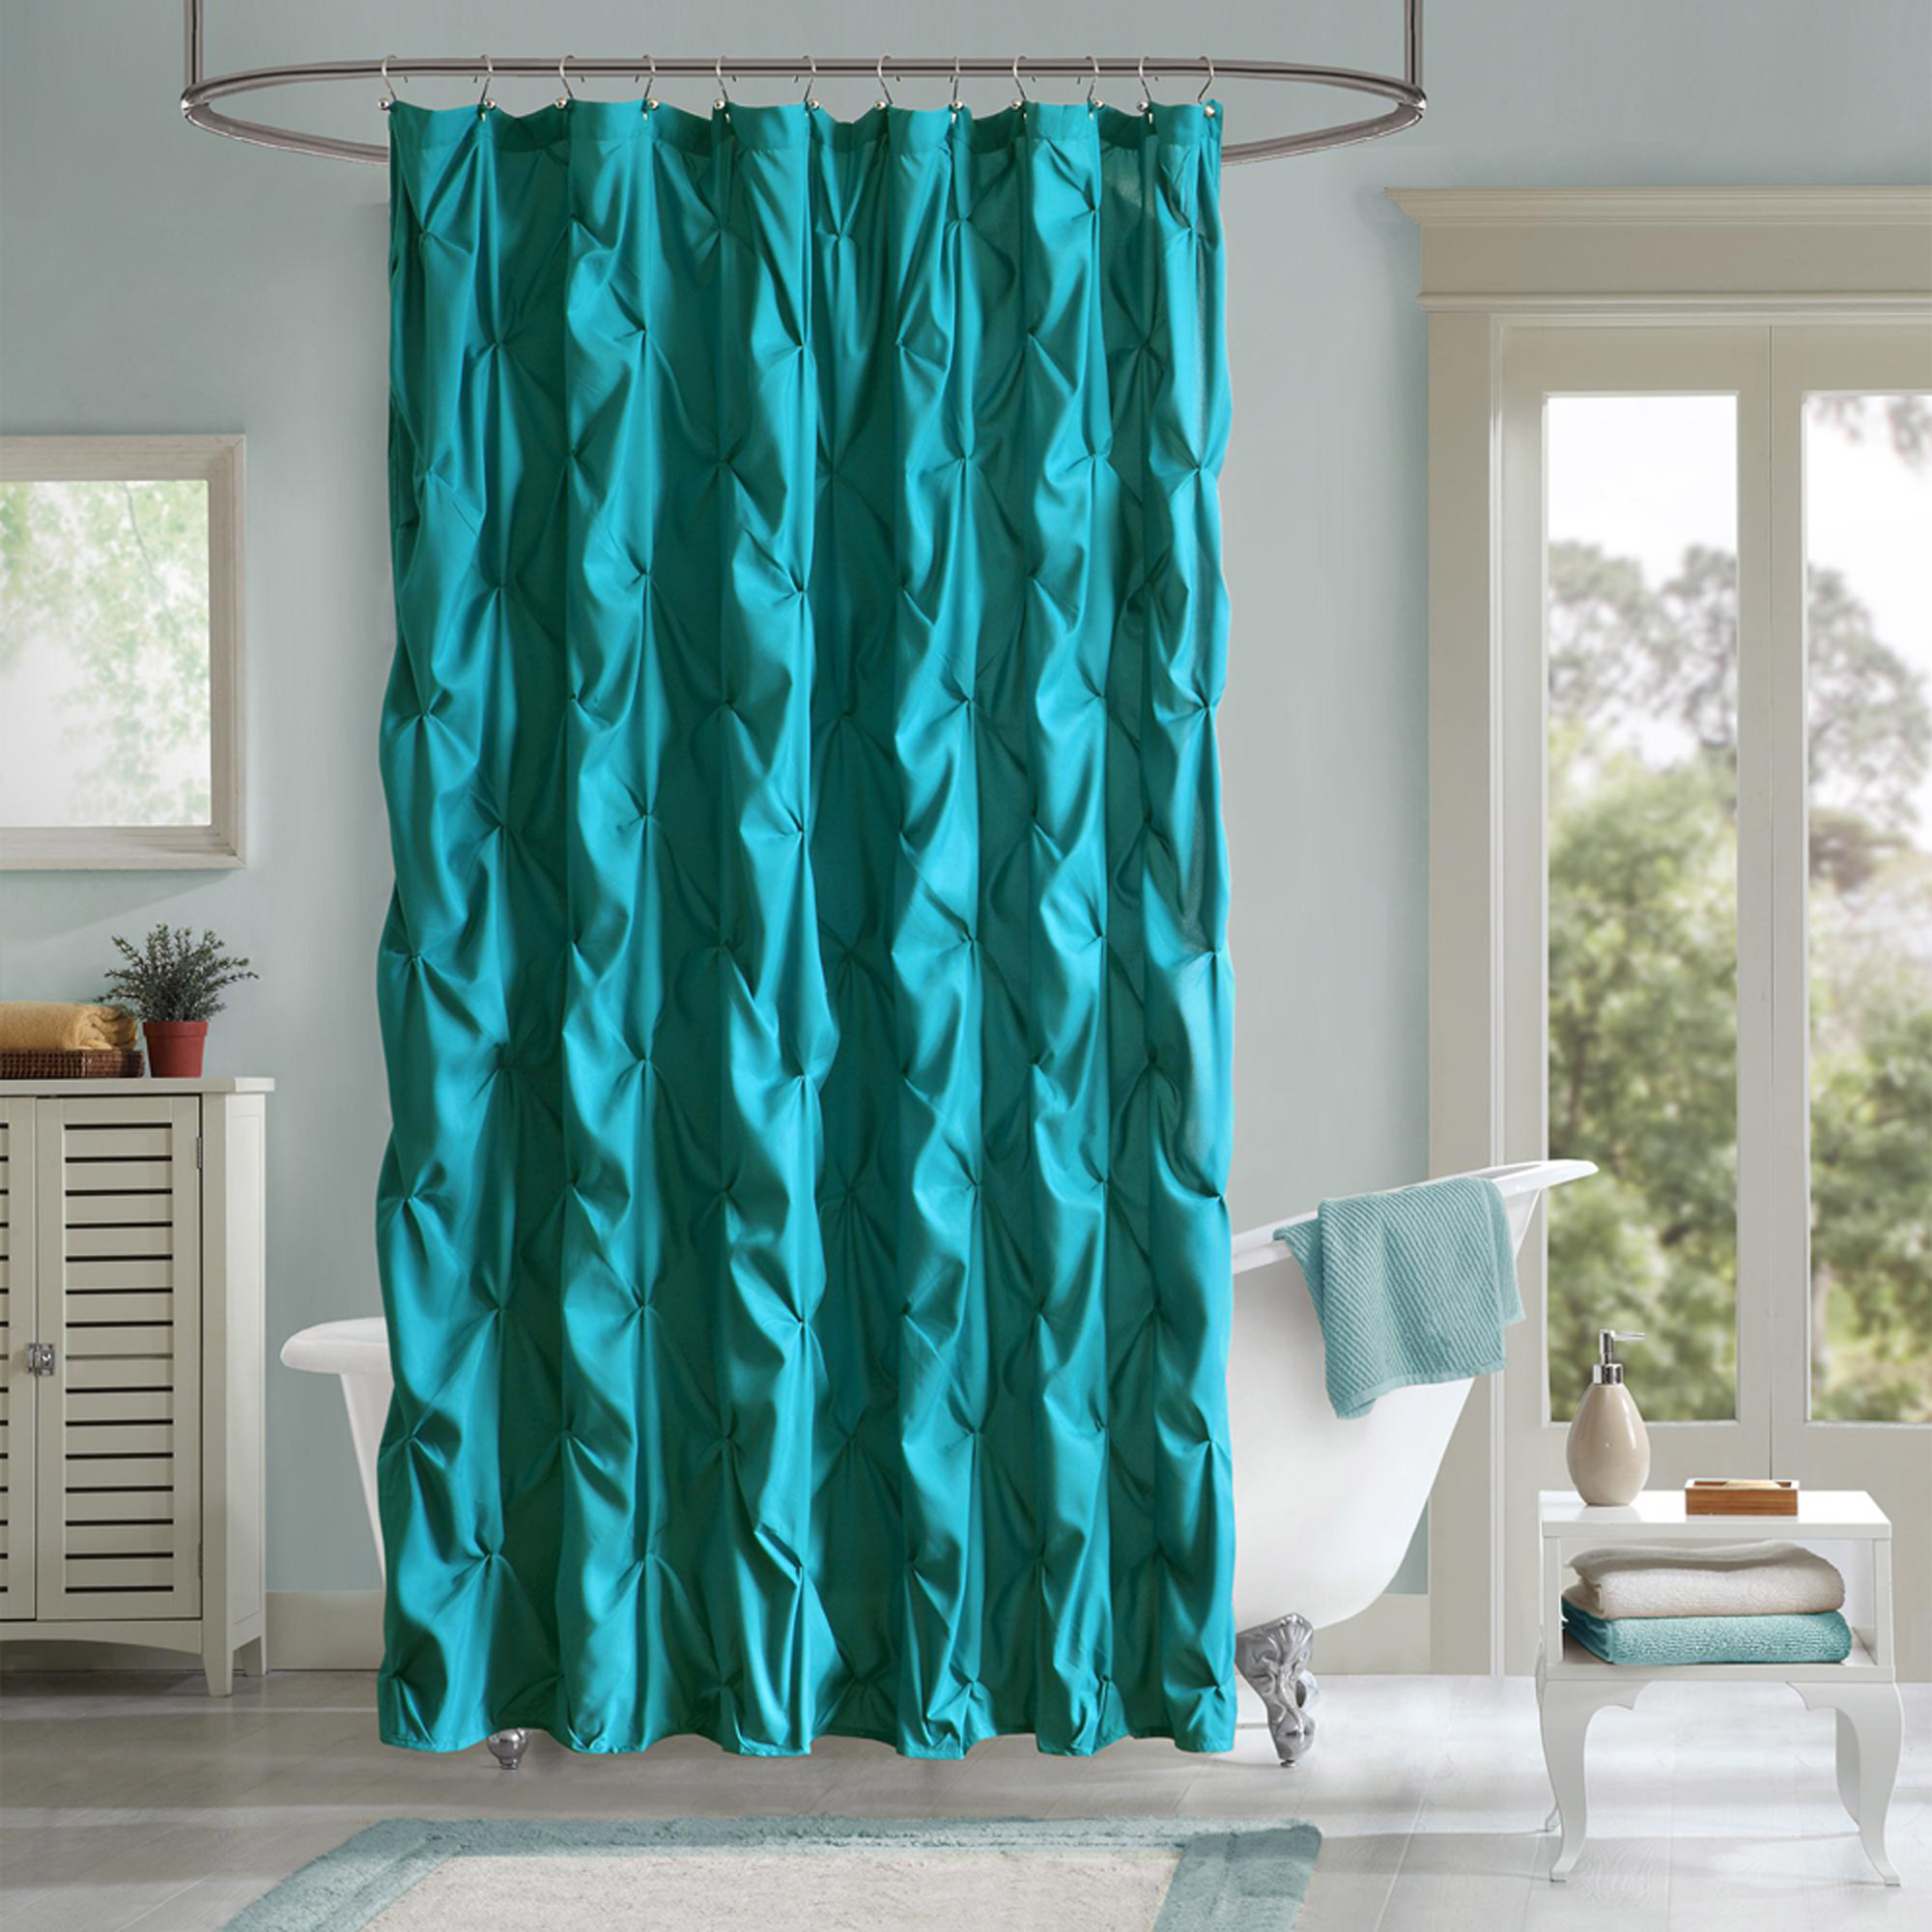 Better Homes And Gardens Pintuck Shower Curtain   Walmart.com